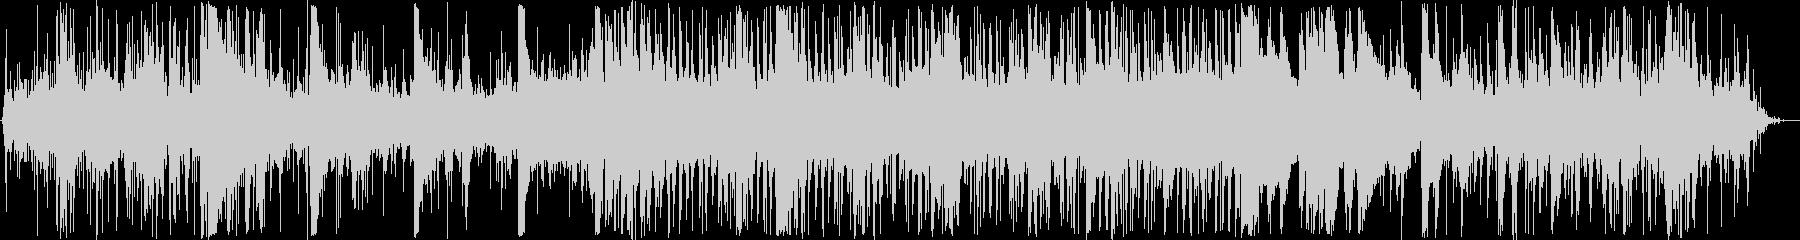 水とピアノのほのぼのBGMの未再生の波形